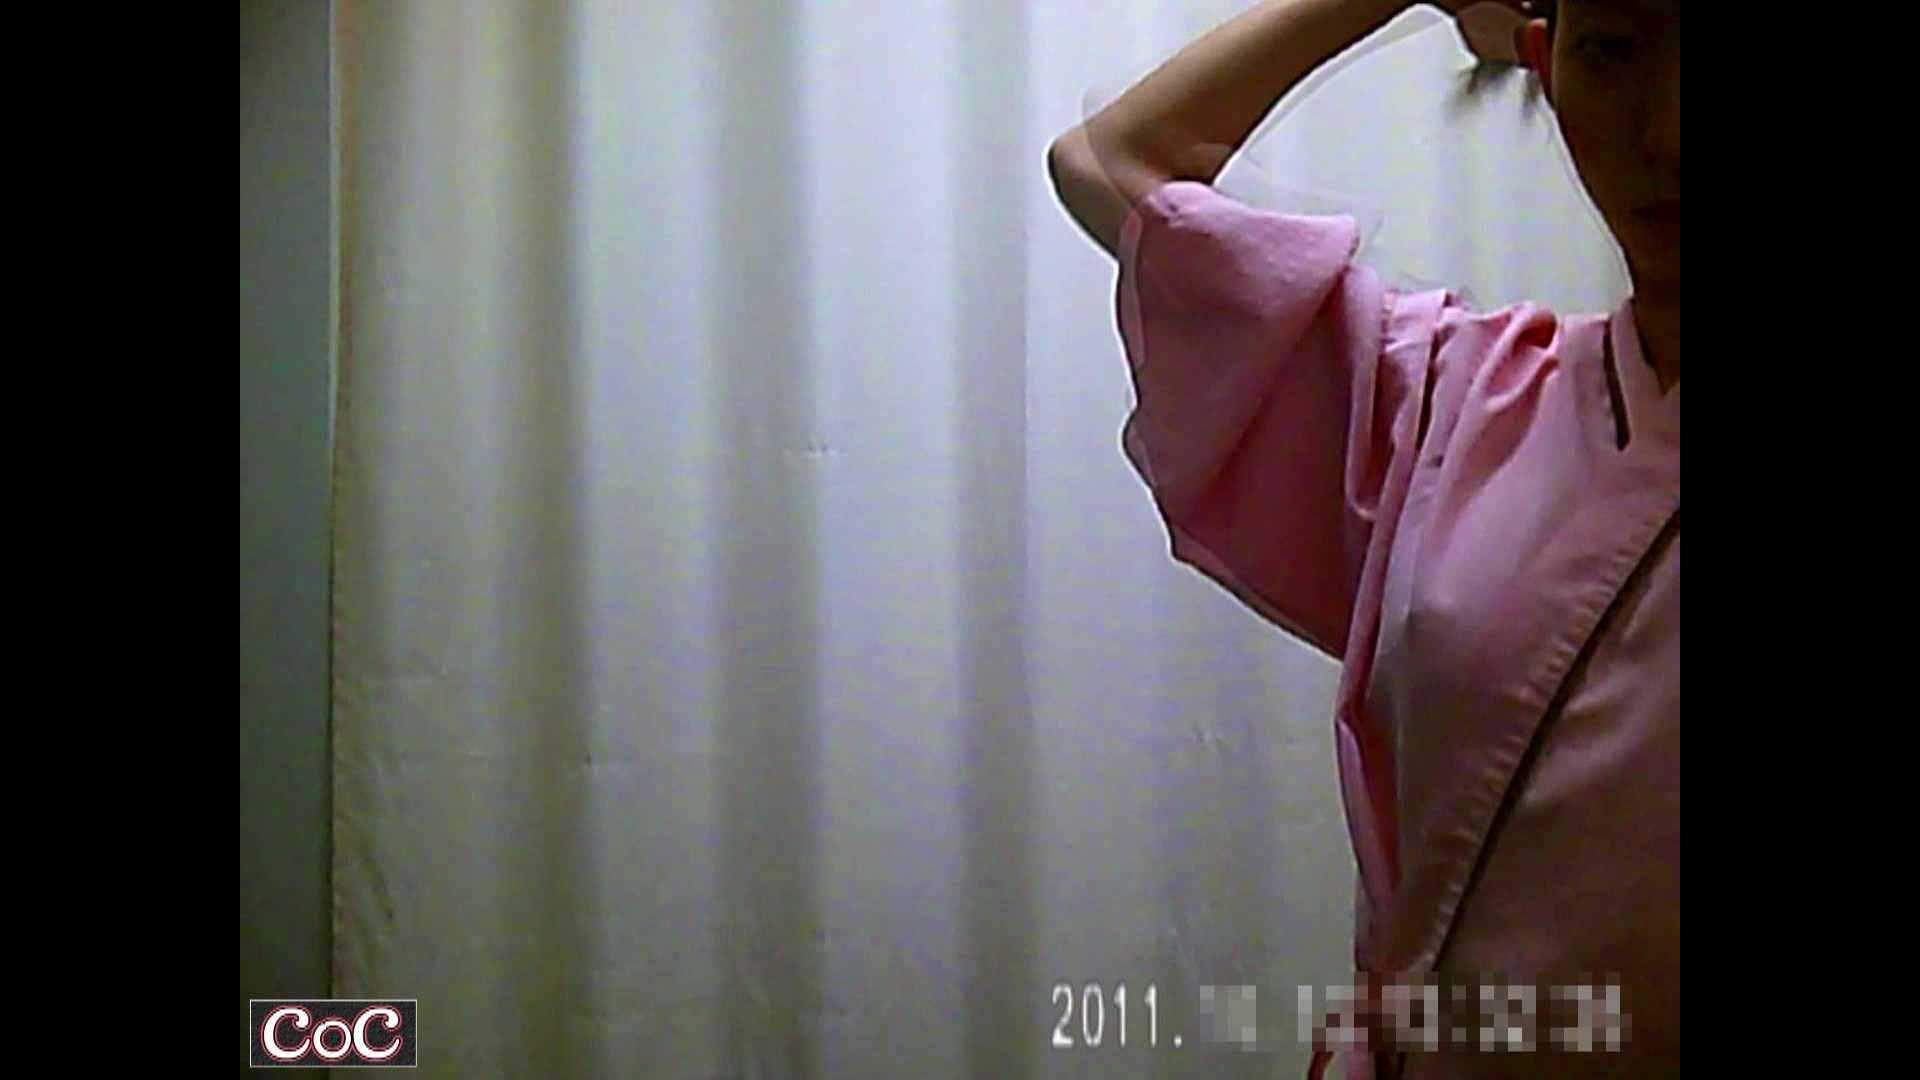 元医者による反抗 更衣室地獄絵巻 vol.239 OLハメ撮り  28Pix 10